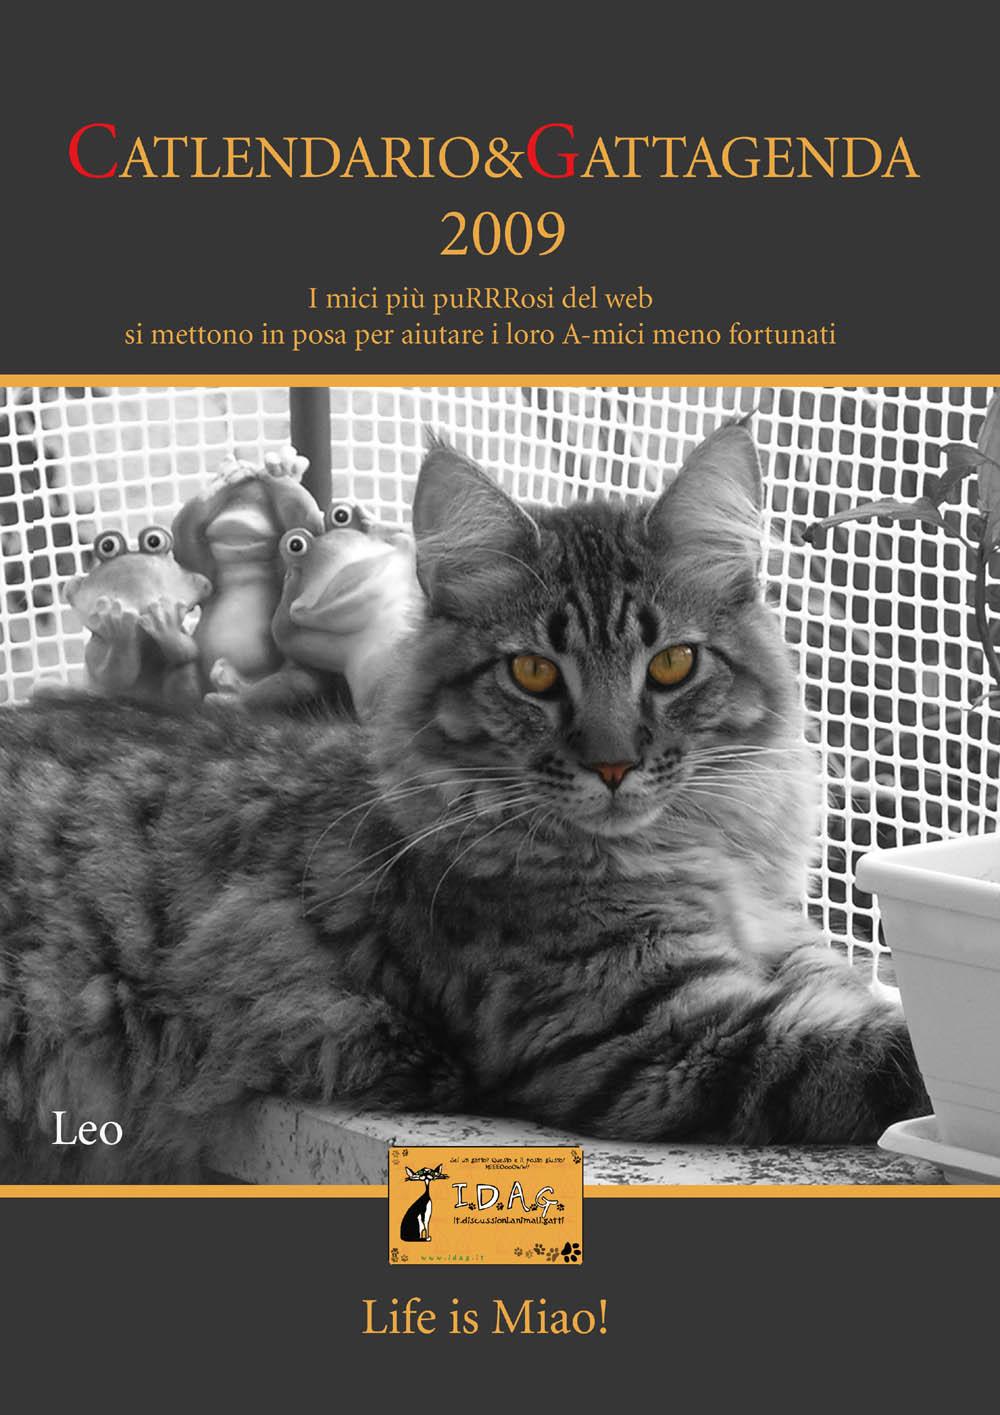 Calendario e gattagenda 2009